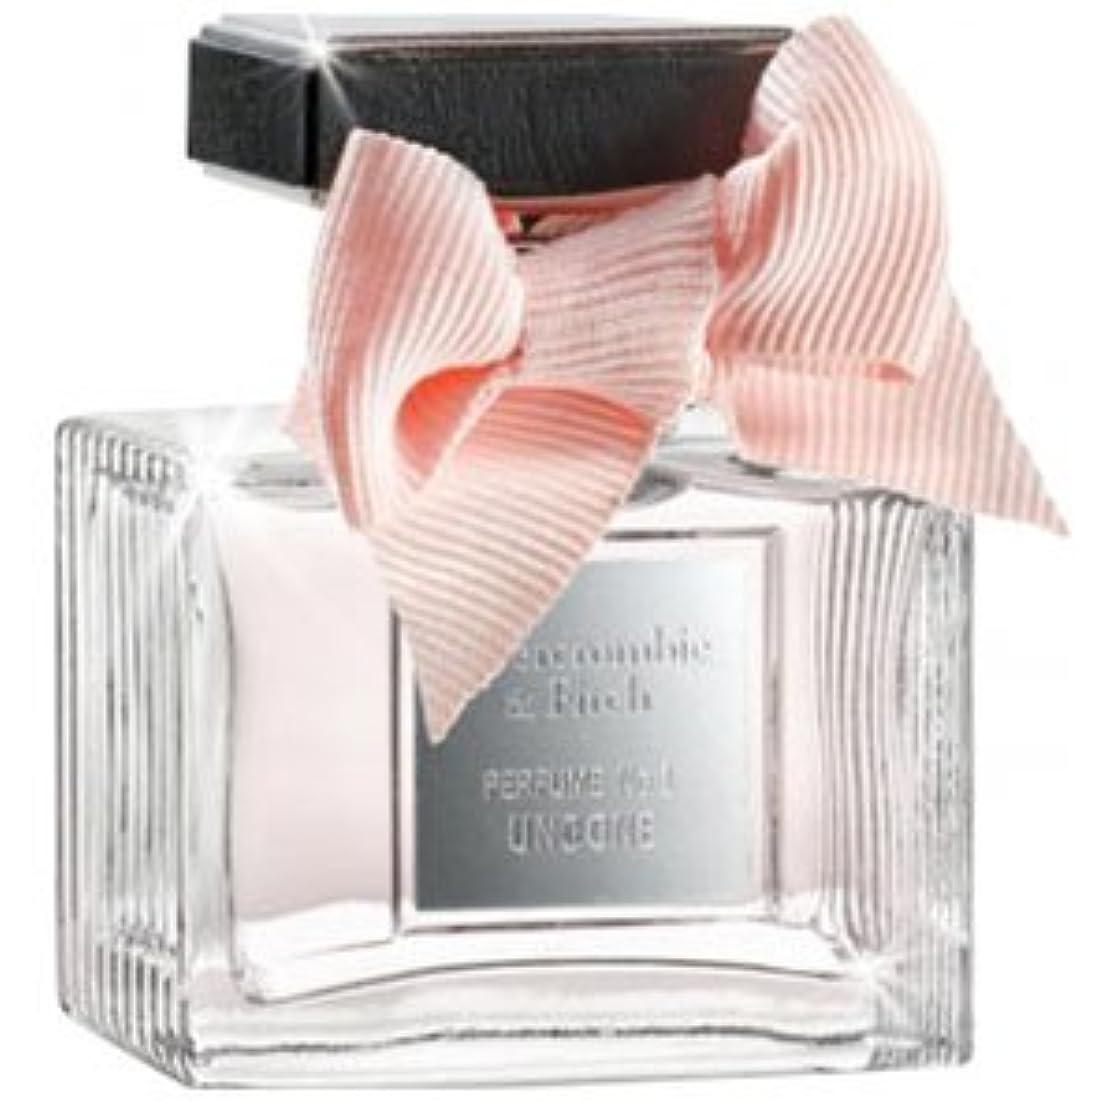 危機どうやらアマチュアAbercrombie Perfume No.1 Undone (アバクロンベ フィッチ No.1 アンダン) 1.7 oz (50ml) EDTSpray for Women